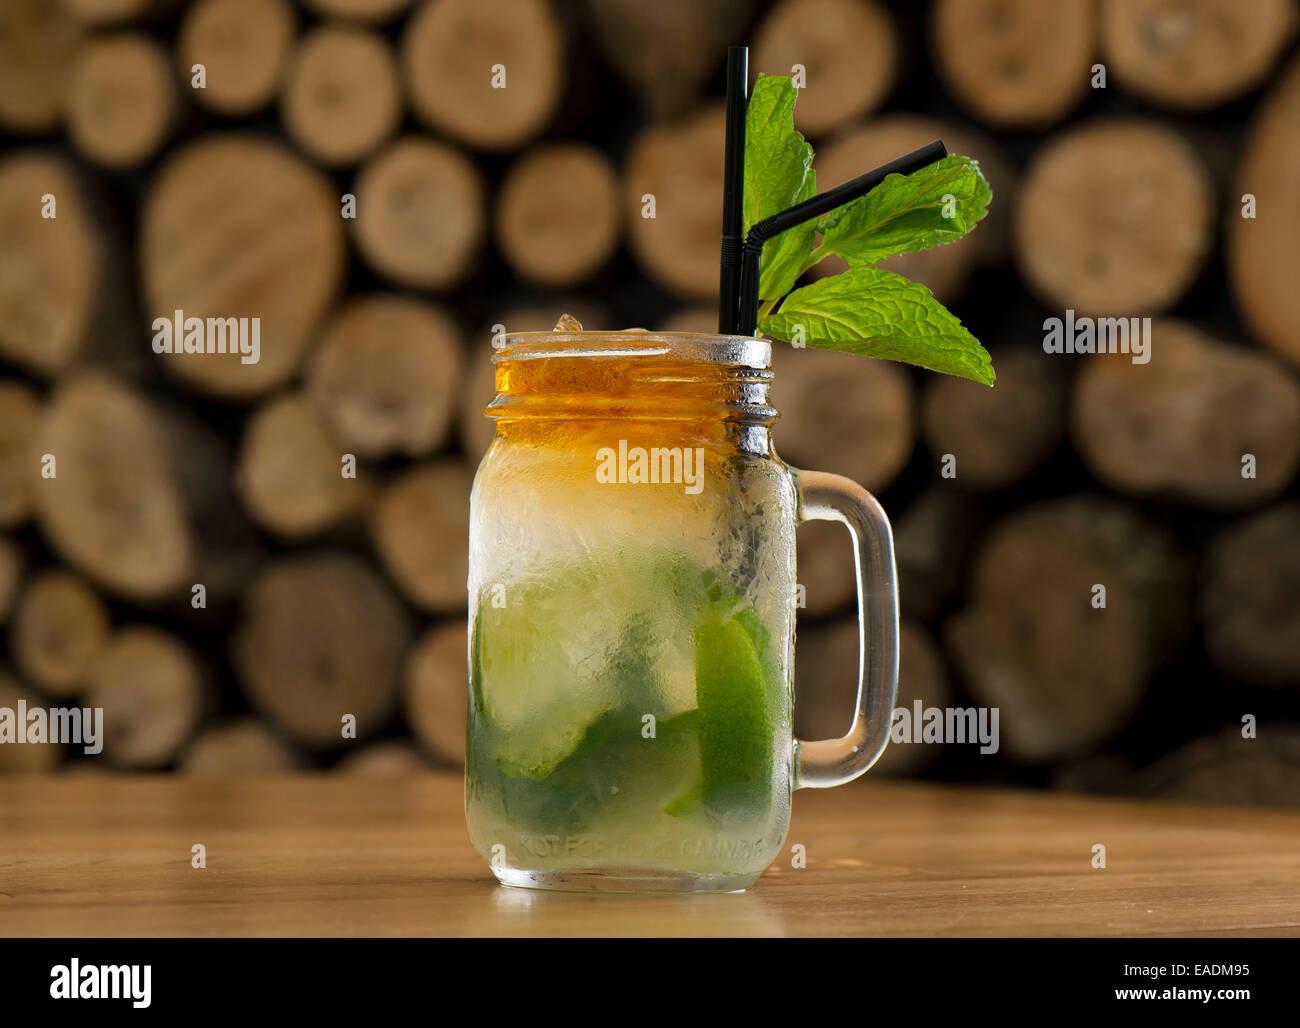 A Mojito cocktail at a bar. - Stock Image